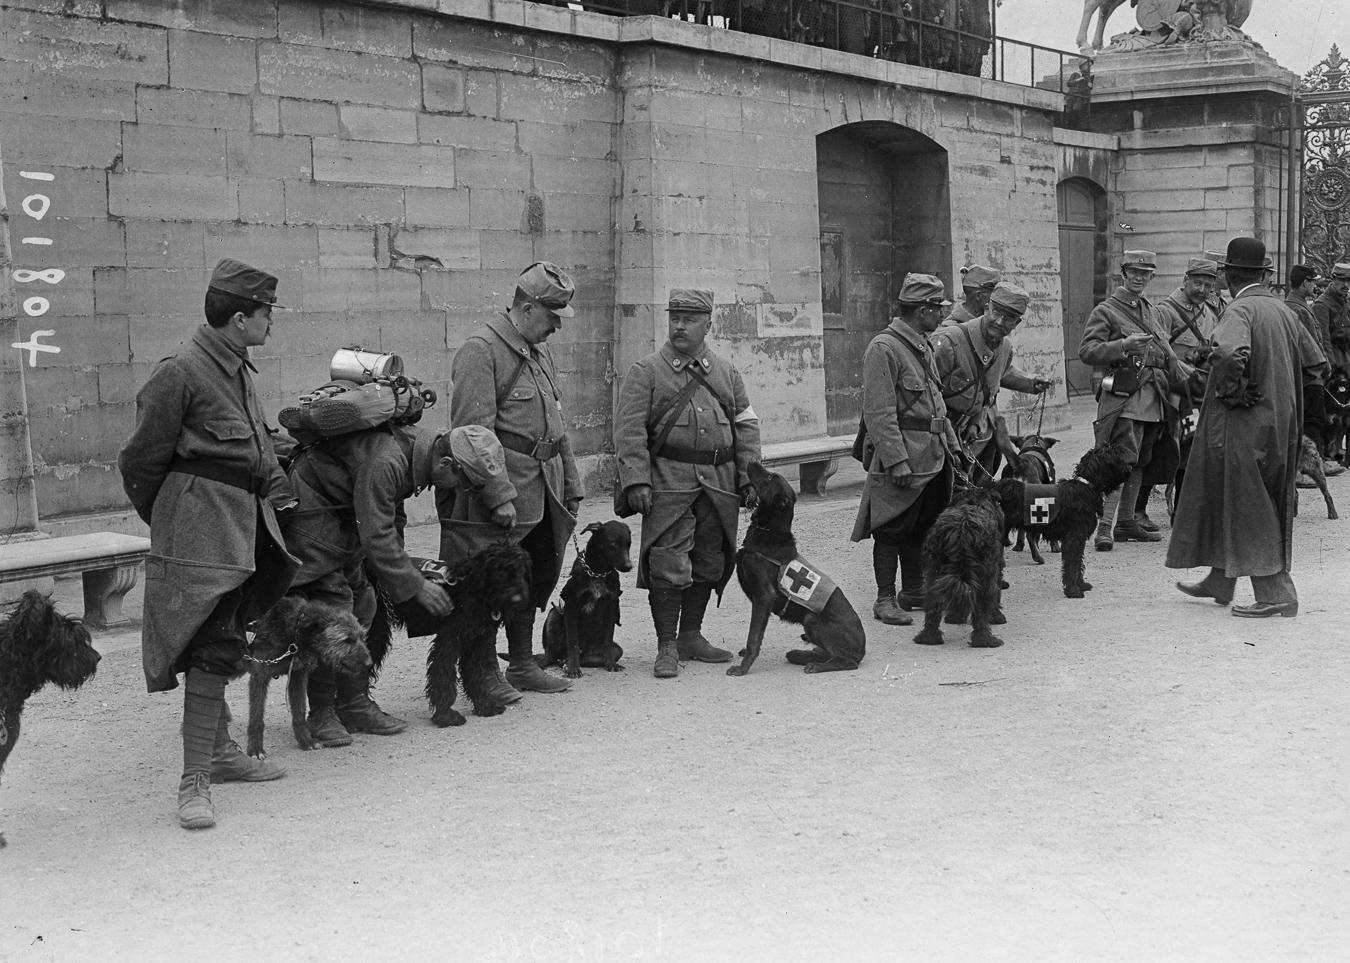 Guerre 1914-1918. Revue aux Tuileries d'une section de chiens sanitaires partant pour le front. Paris (Ier arr.), 1915.